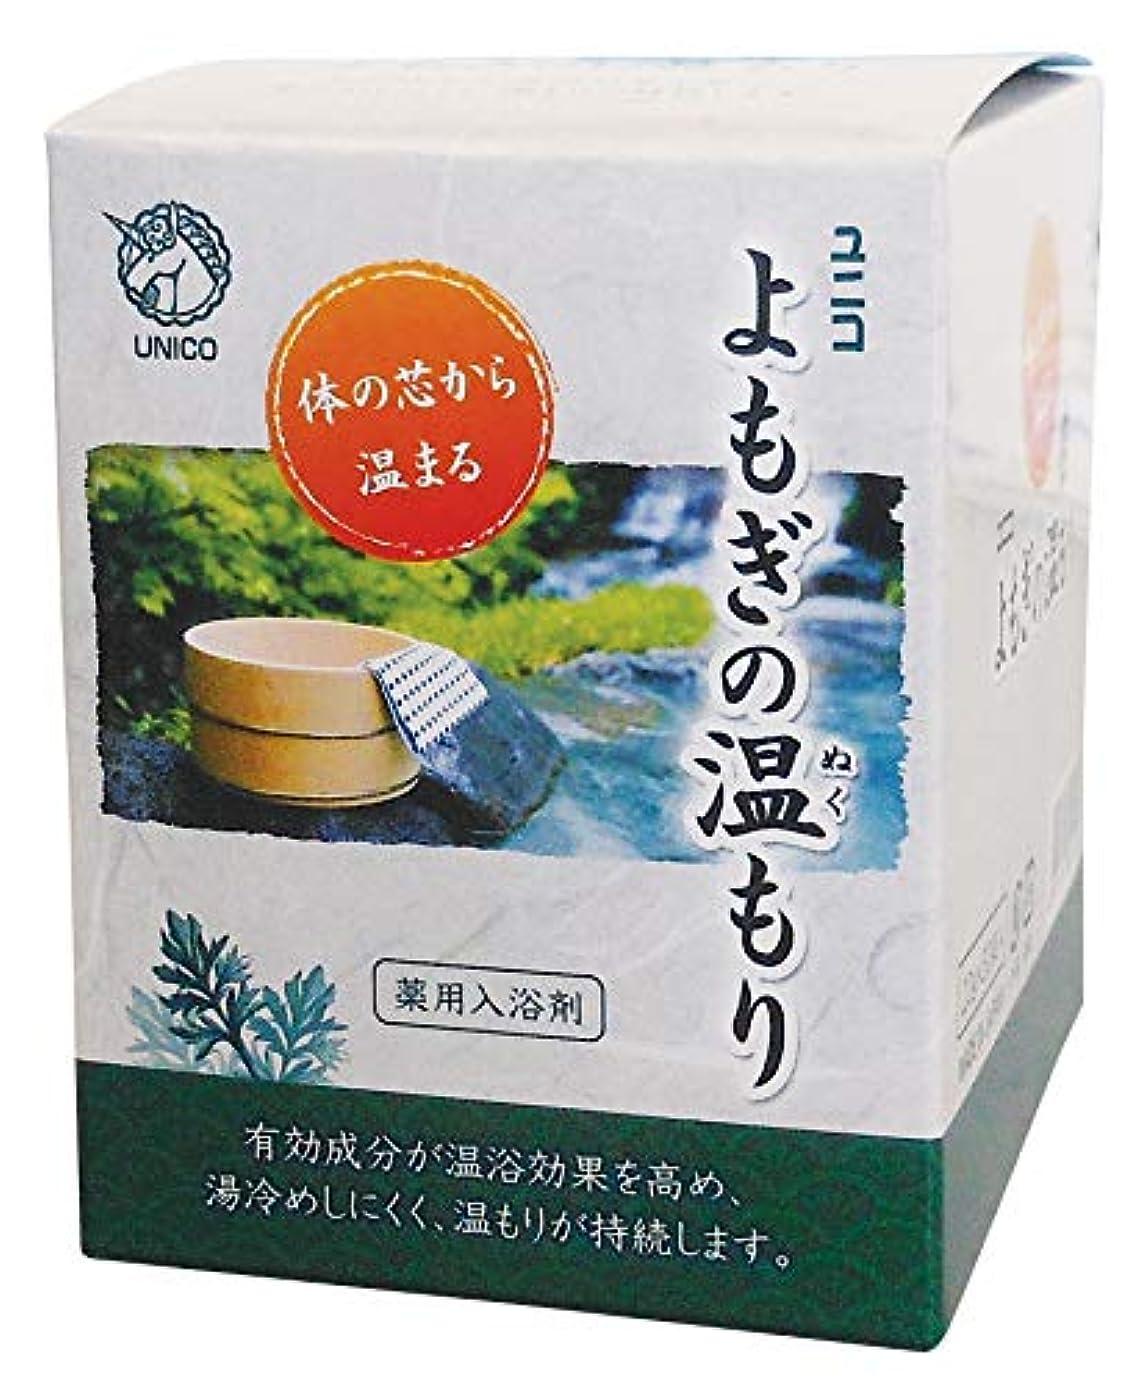 側サイクロプス硬いユニコ 薬用入浴剤 よもぎの温もり 20g×30袋入